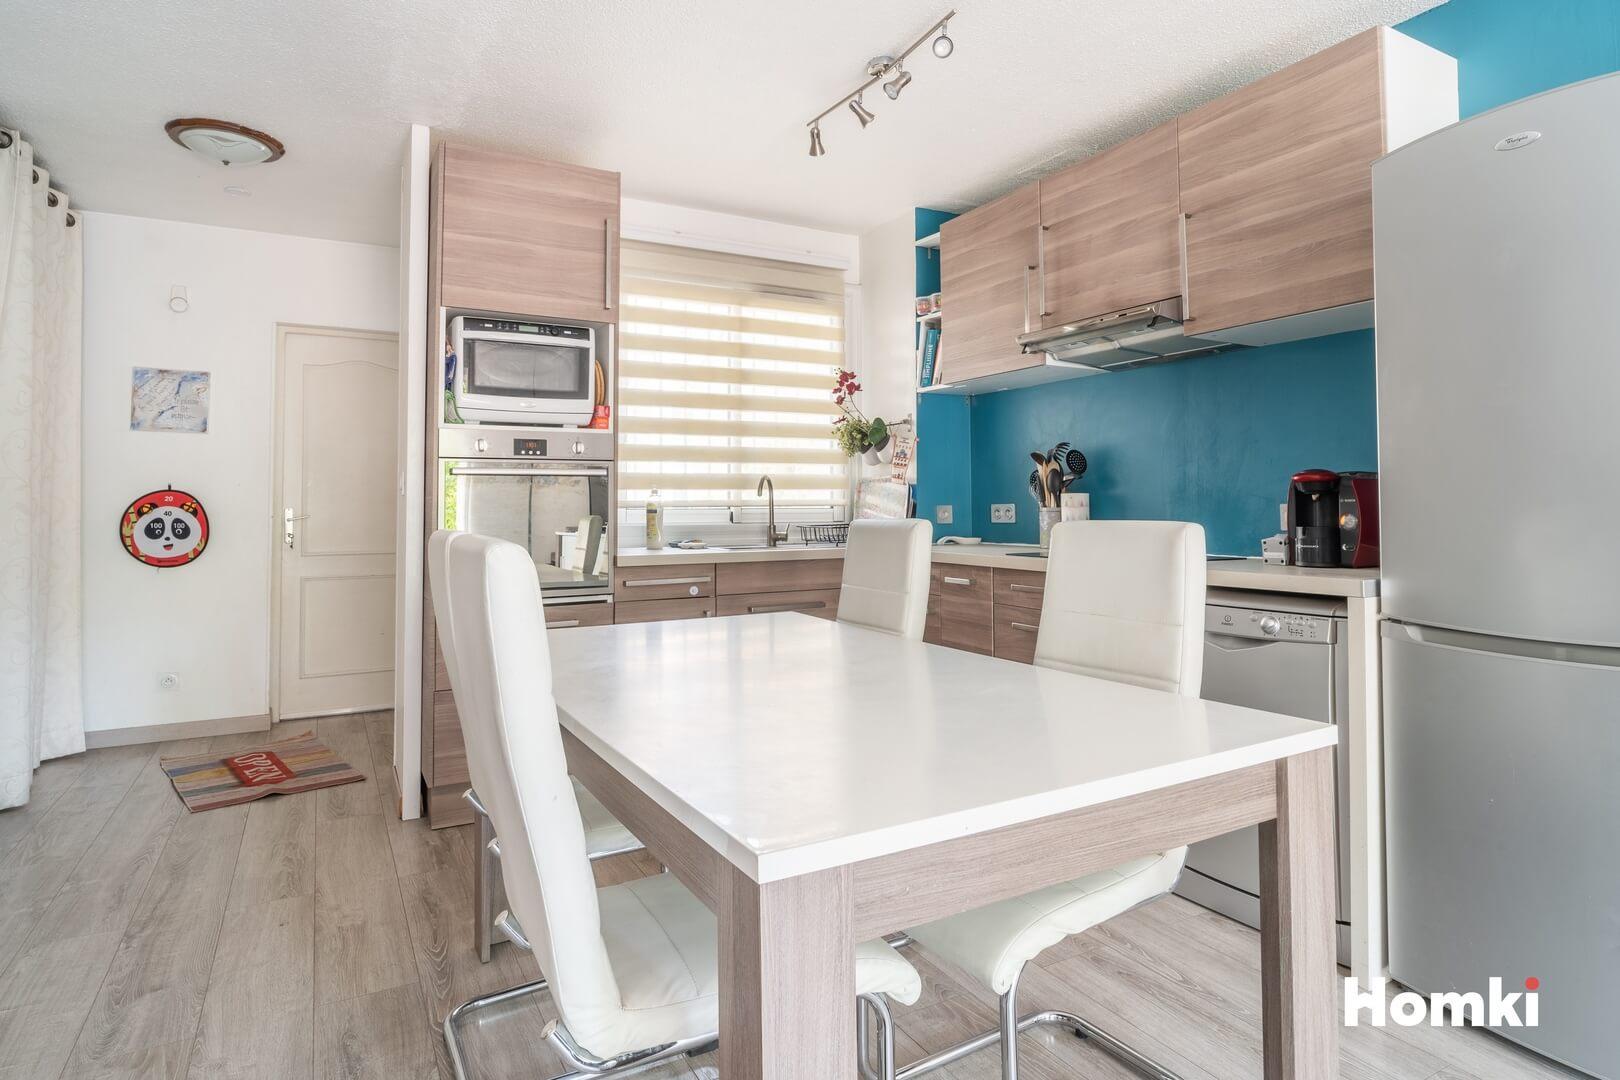 Homki - Vente Maison/villa  de 81.0 m² à Marignane 13700